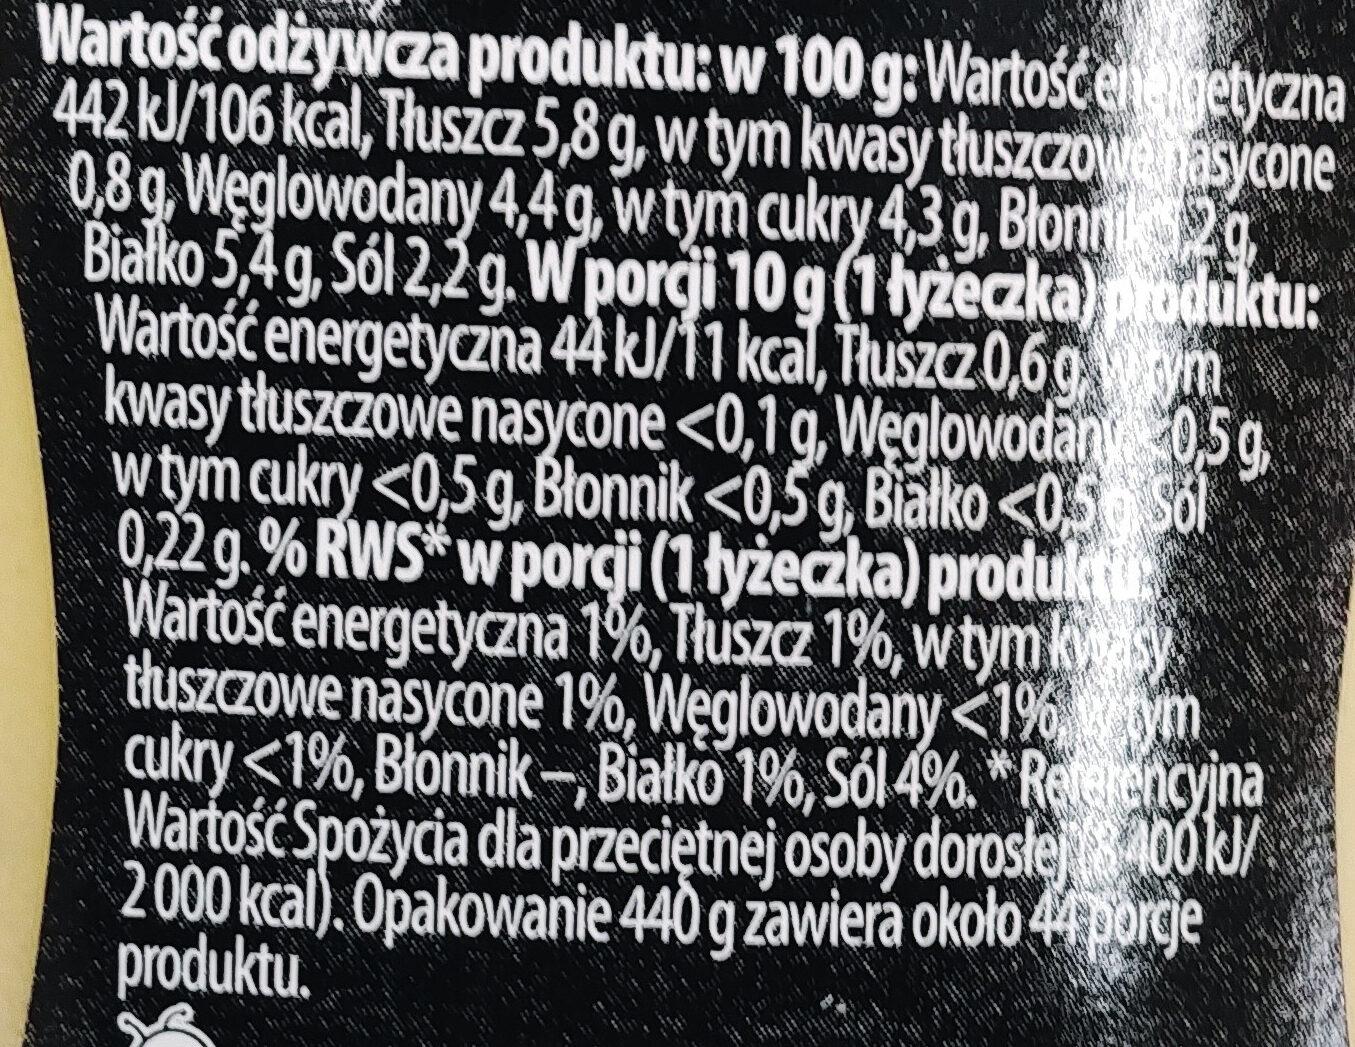 Musztarda grillowa łagodna - Wartości odżywcze